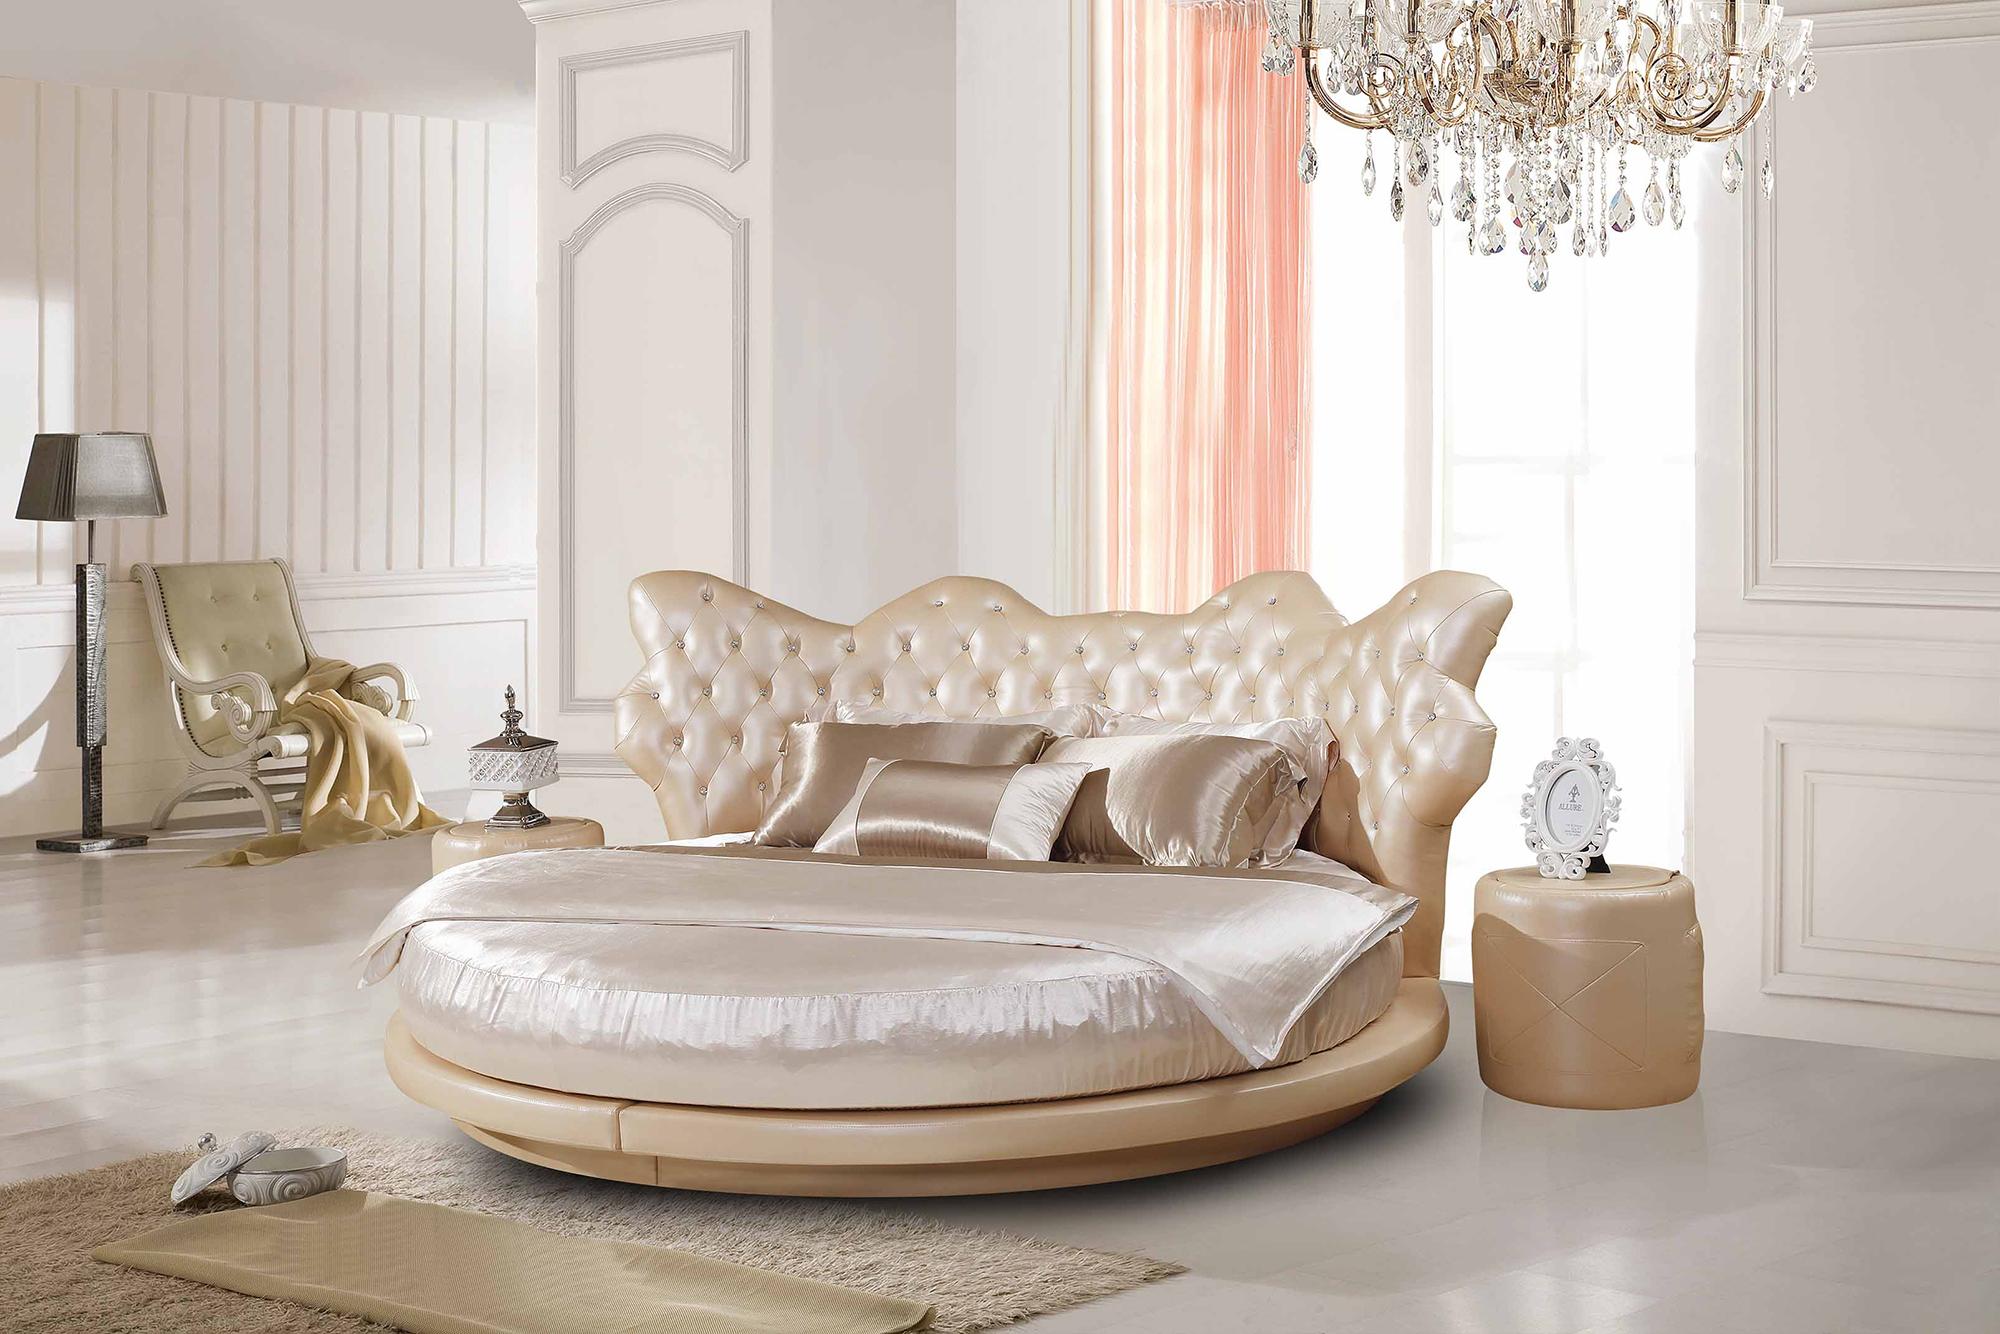 Бежевая круглая кровать в классическом стиле